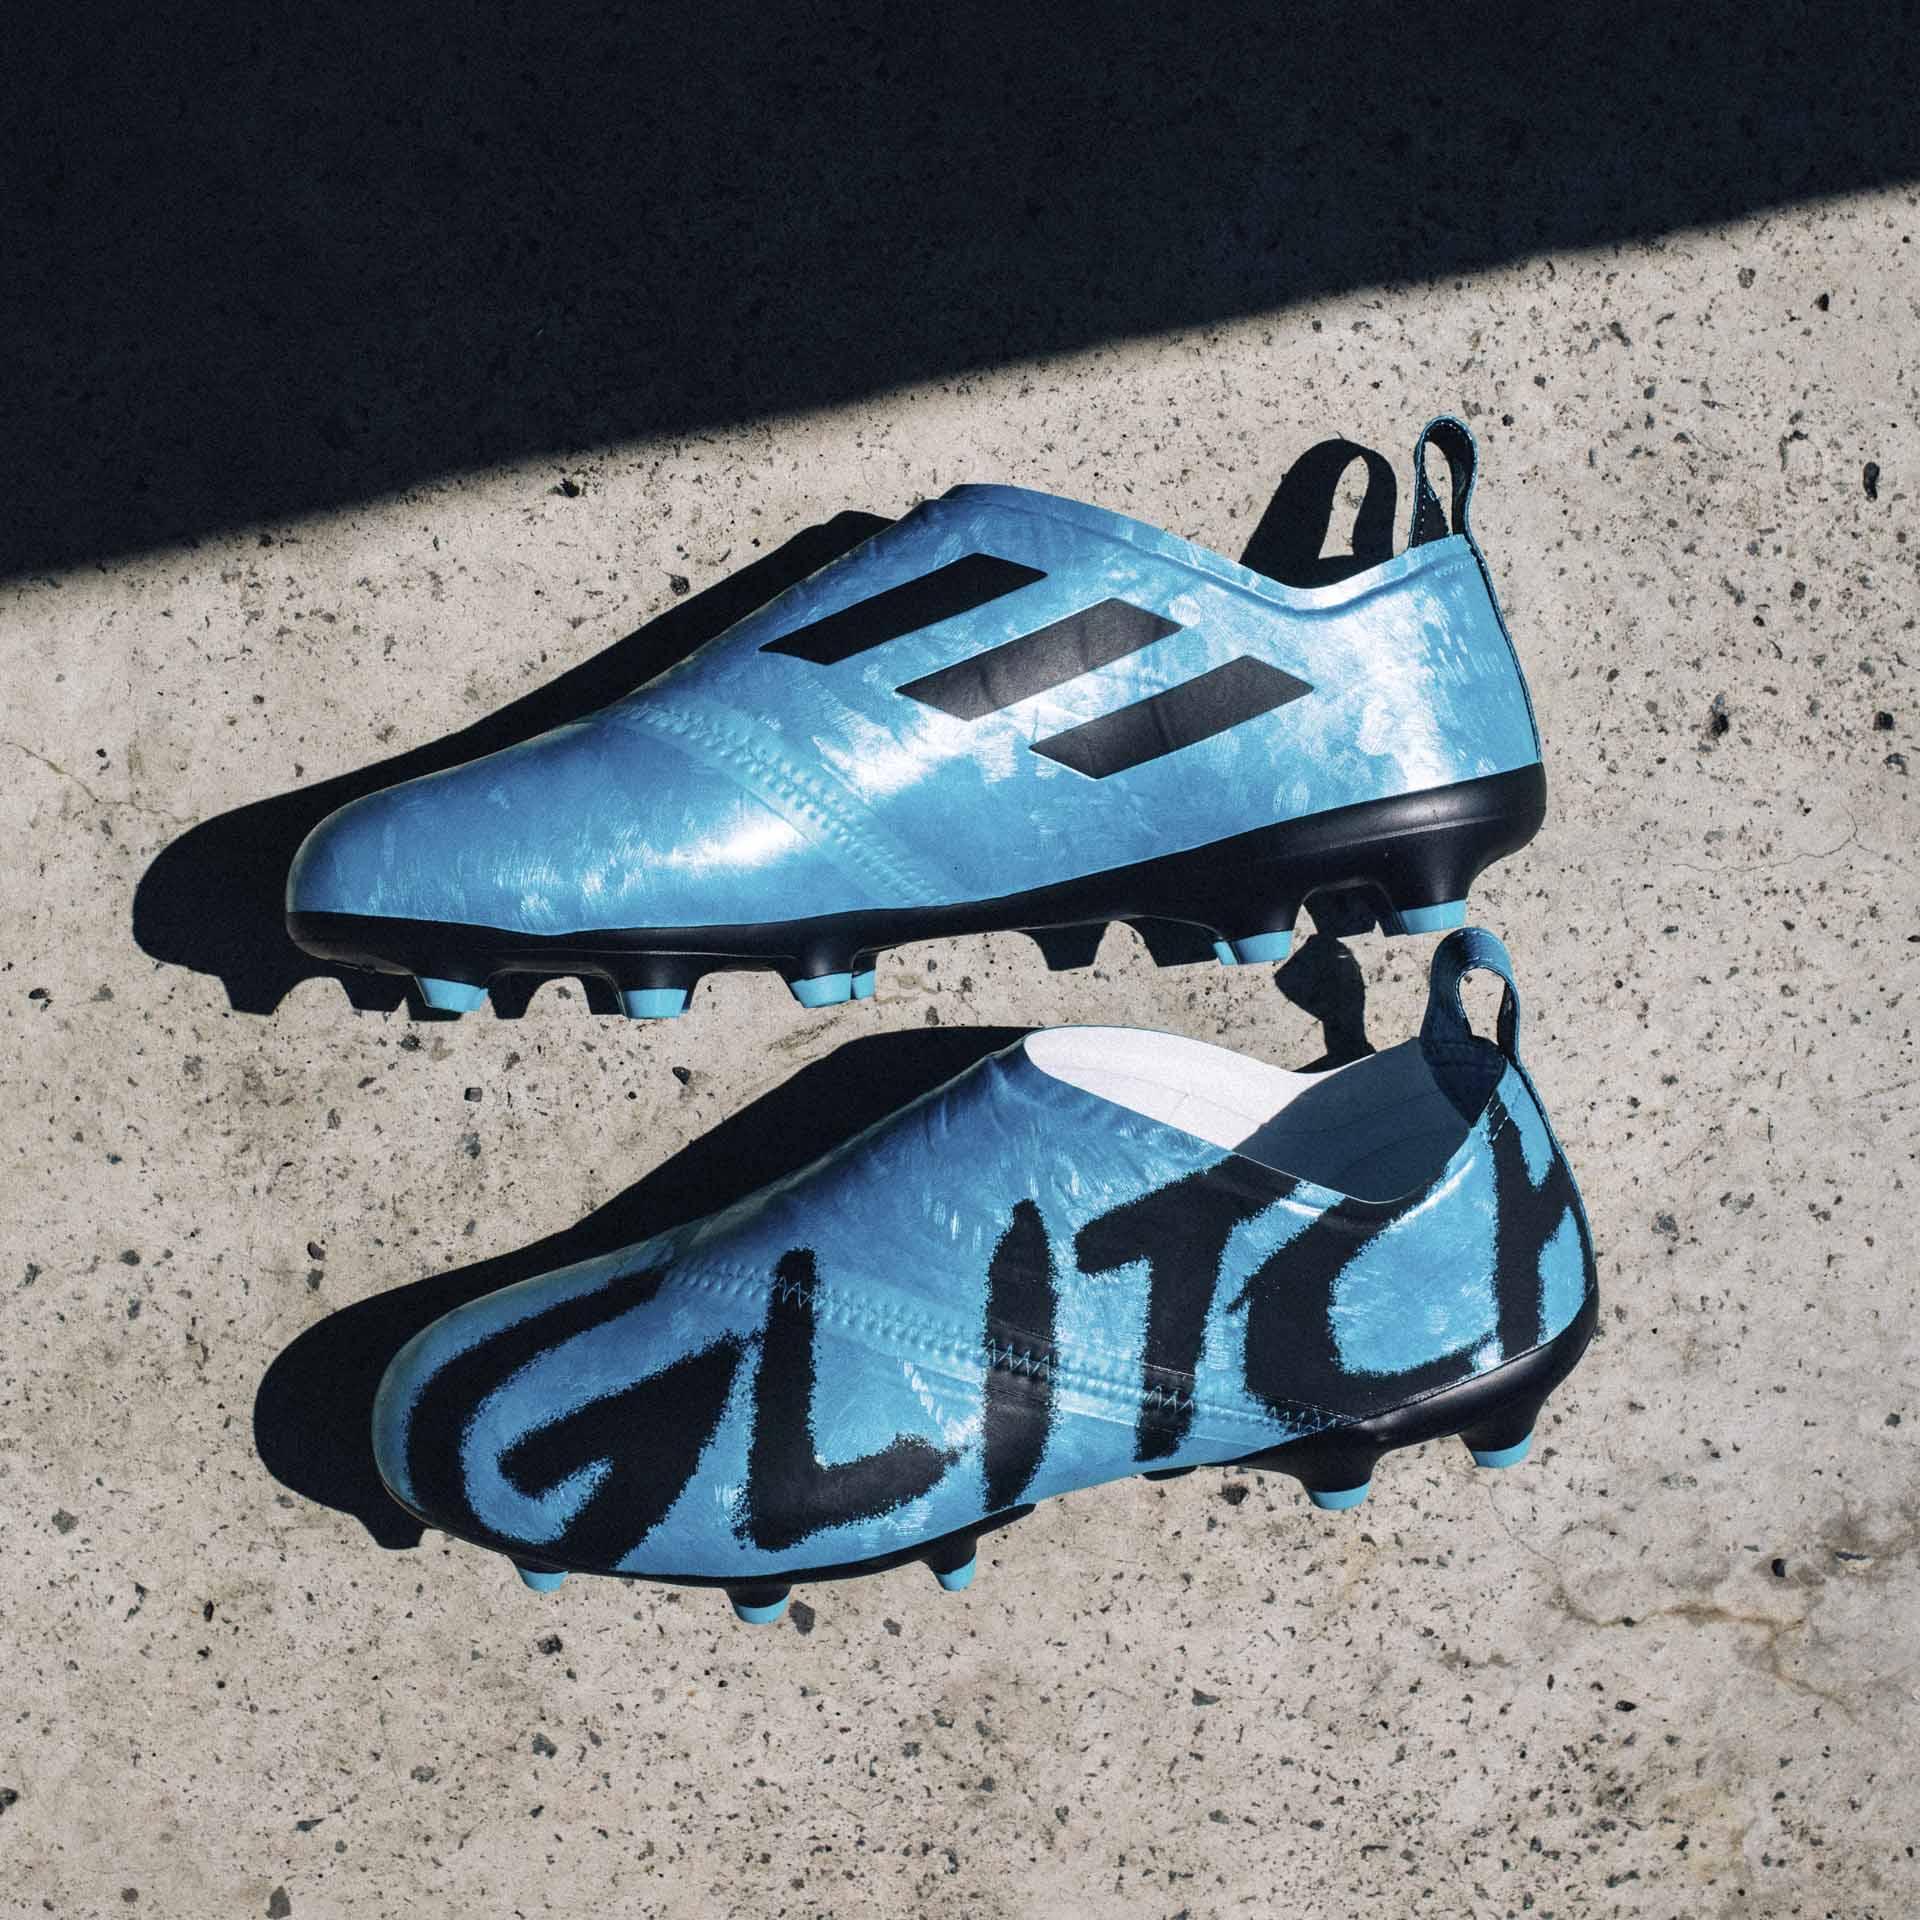 a3e1a149e0dd adidas Launch The Glitch 18